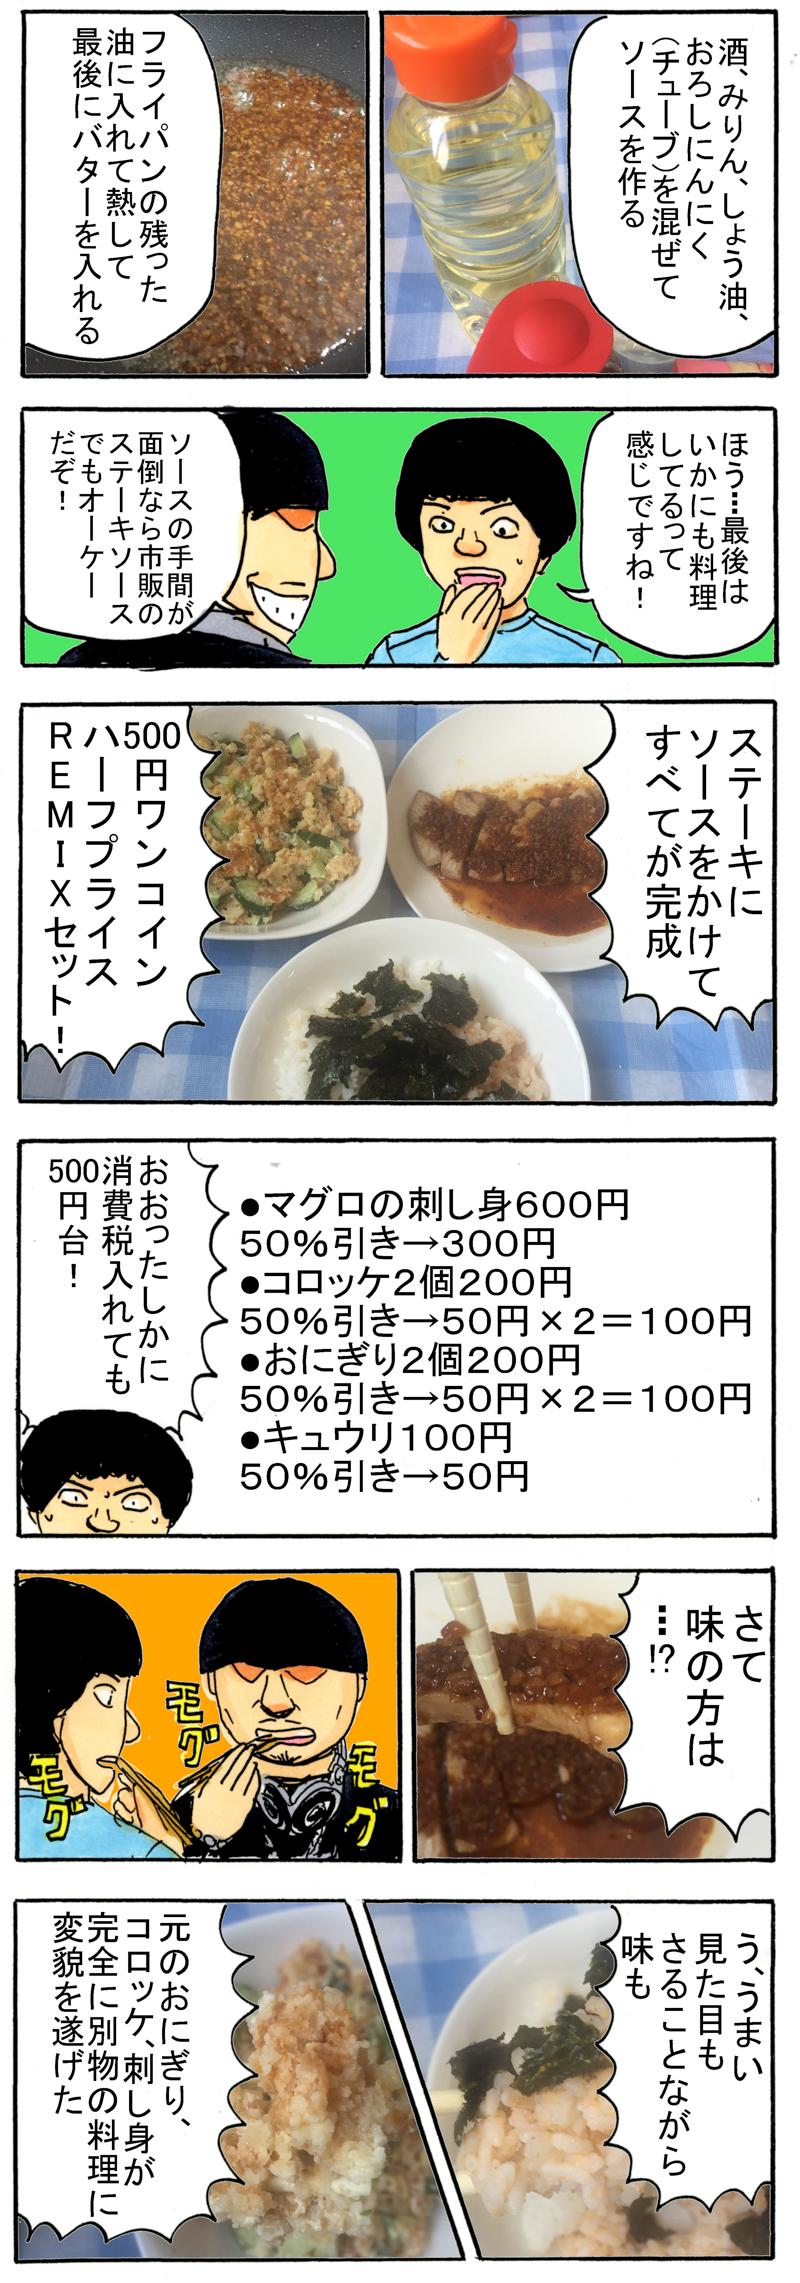 f:id:Meshi2_IB:20170516190930j:plain